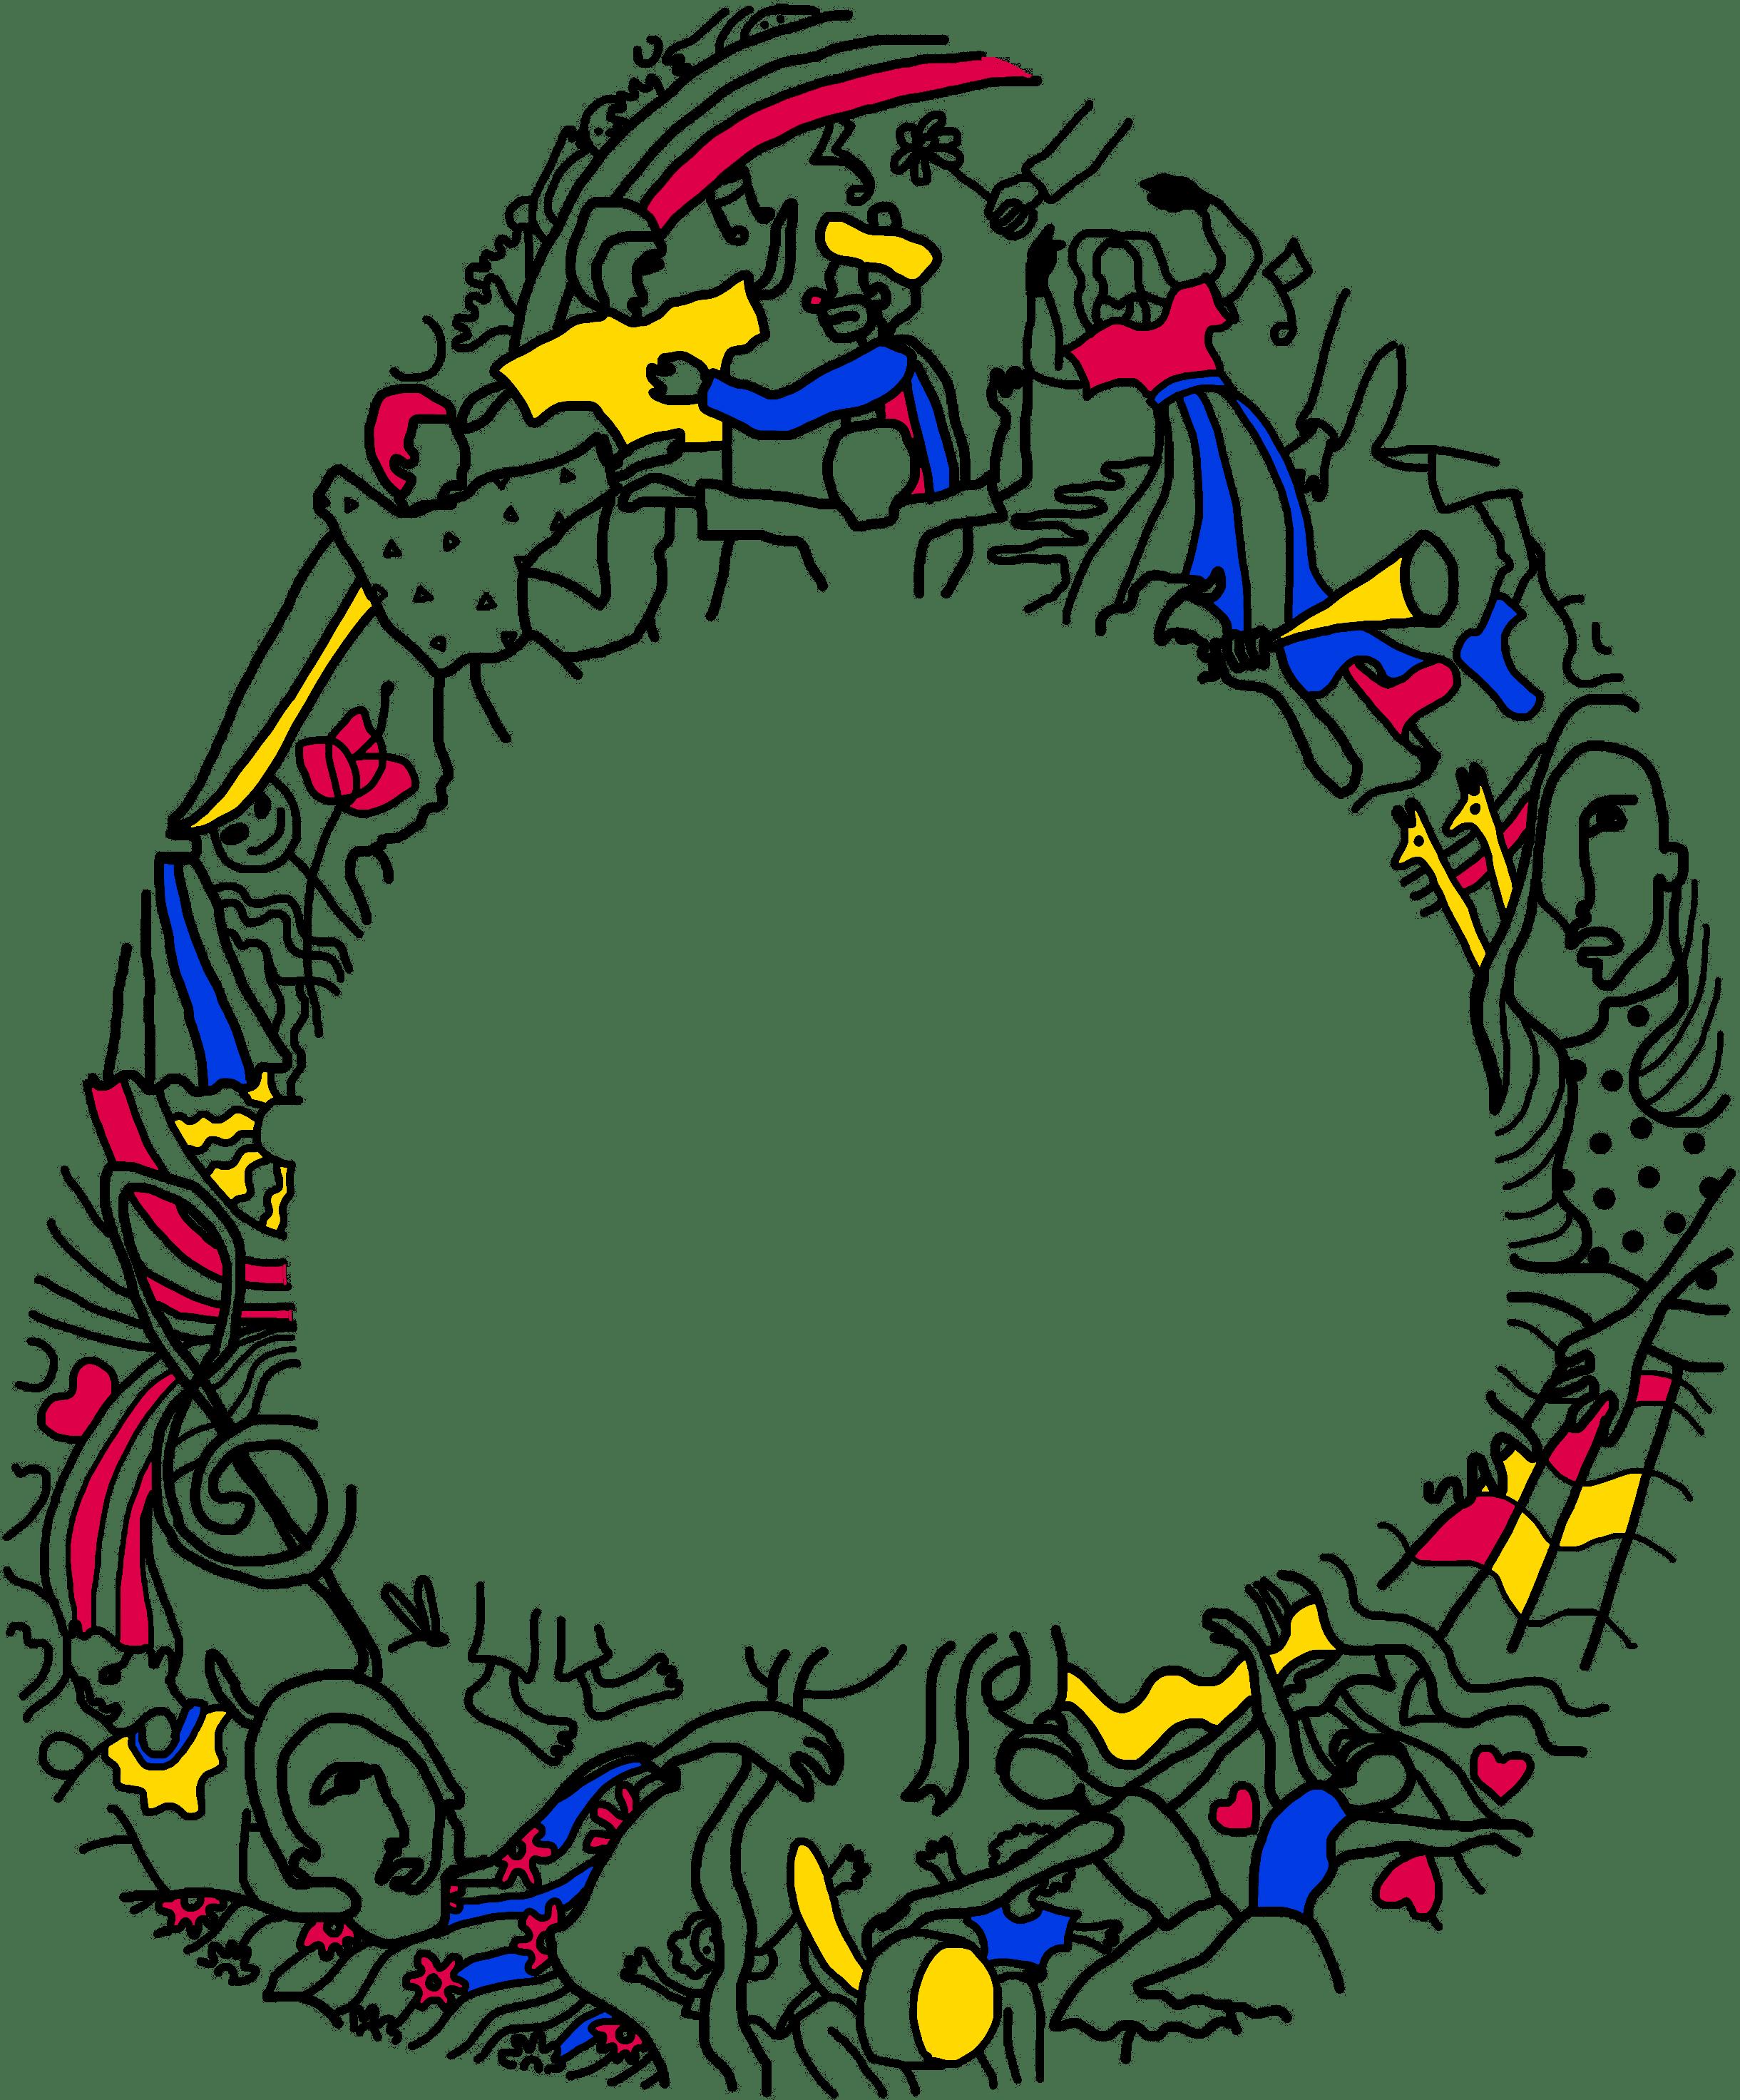 Seenaryo 5 year logo